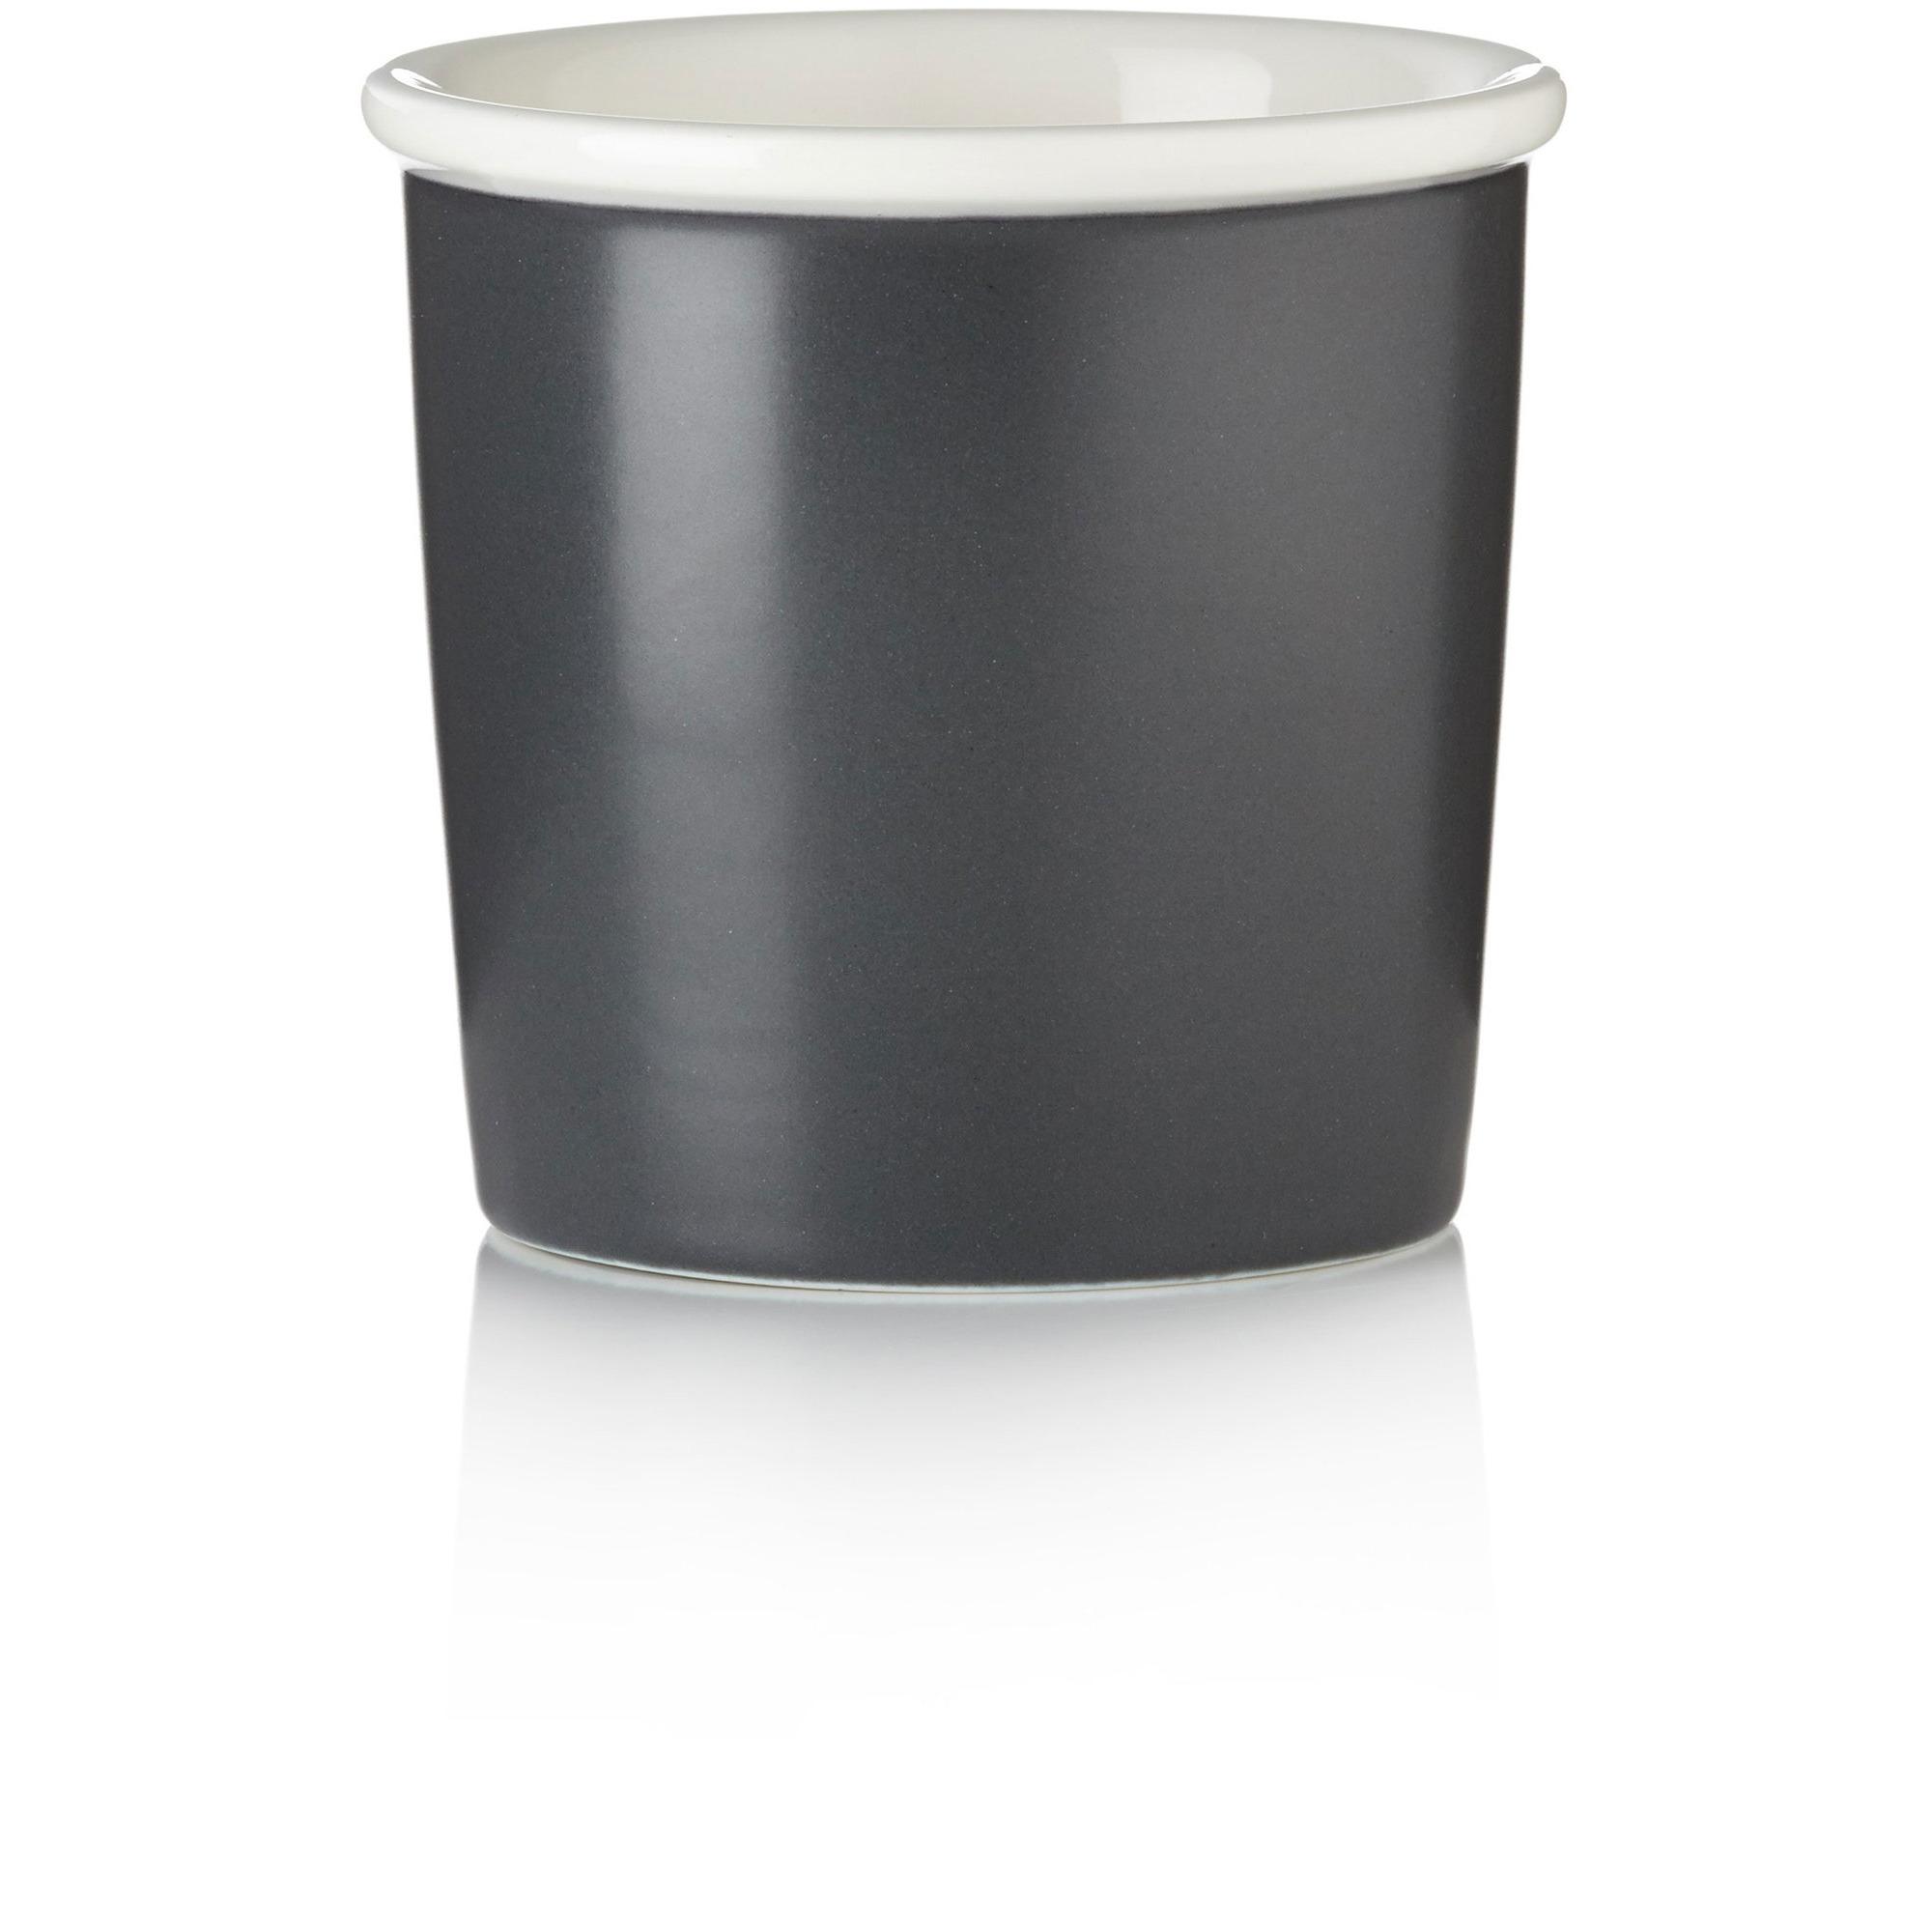 Bilde av Barista & Co. Espresso-kopp